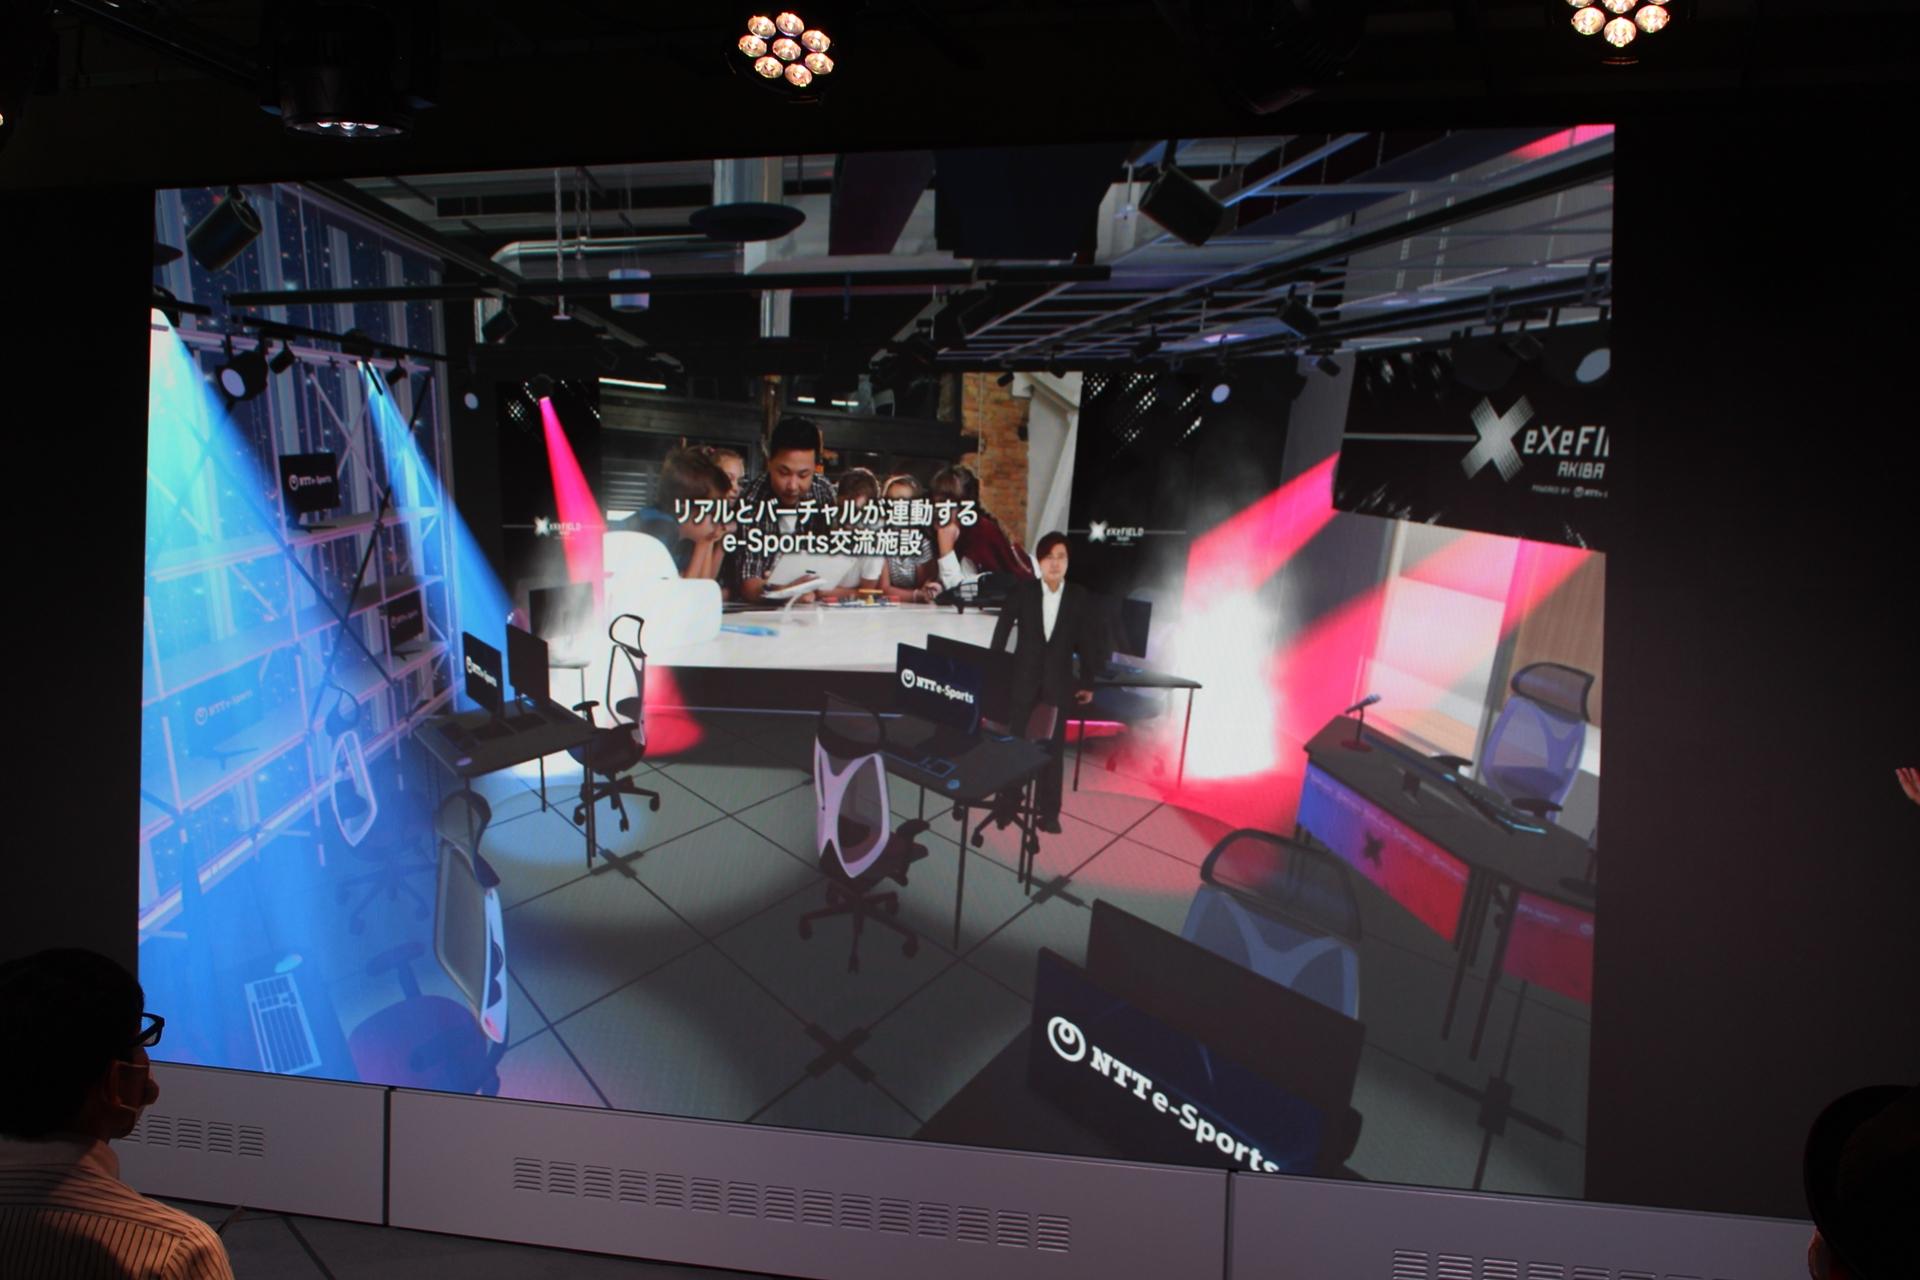 仮想空間に作られた「eXeField Akiba」。リアルでは不可能な演出などもできる